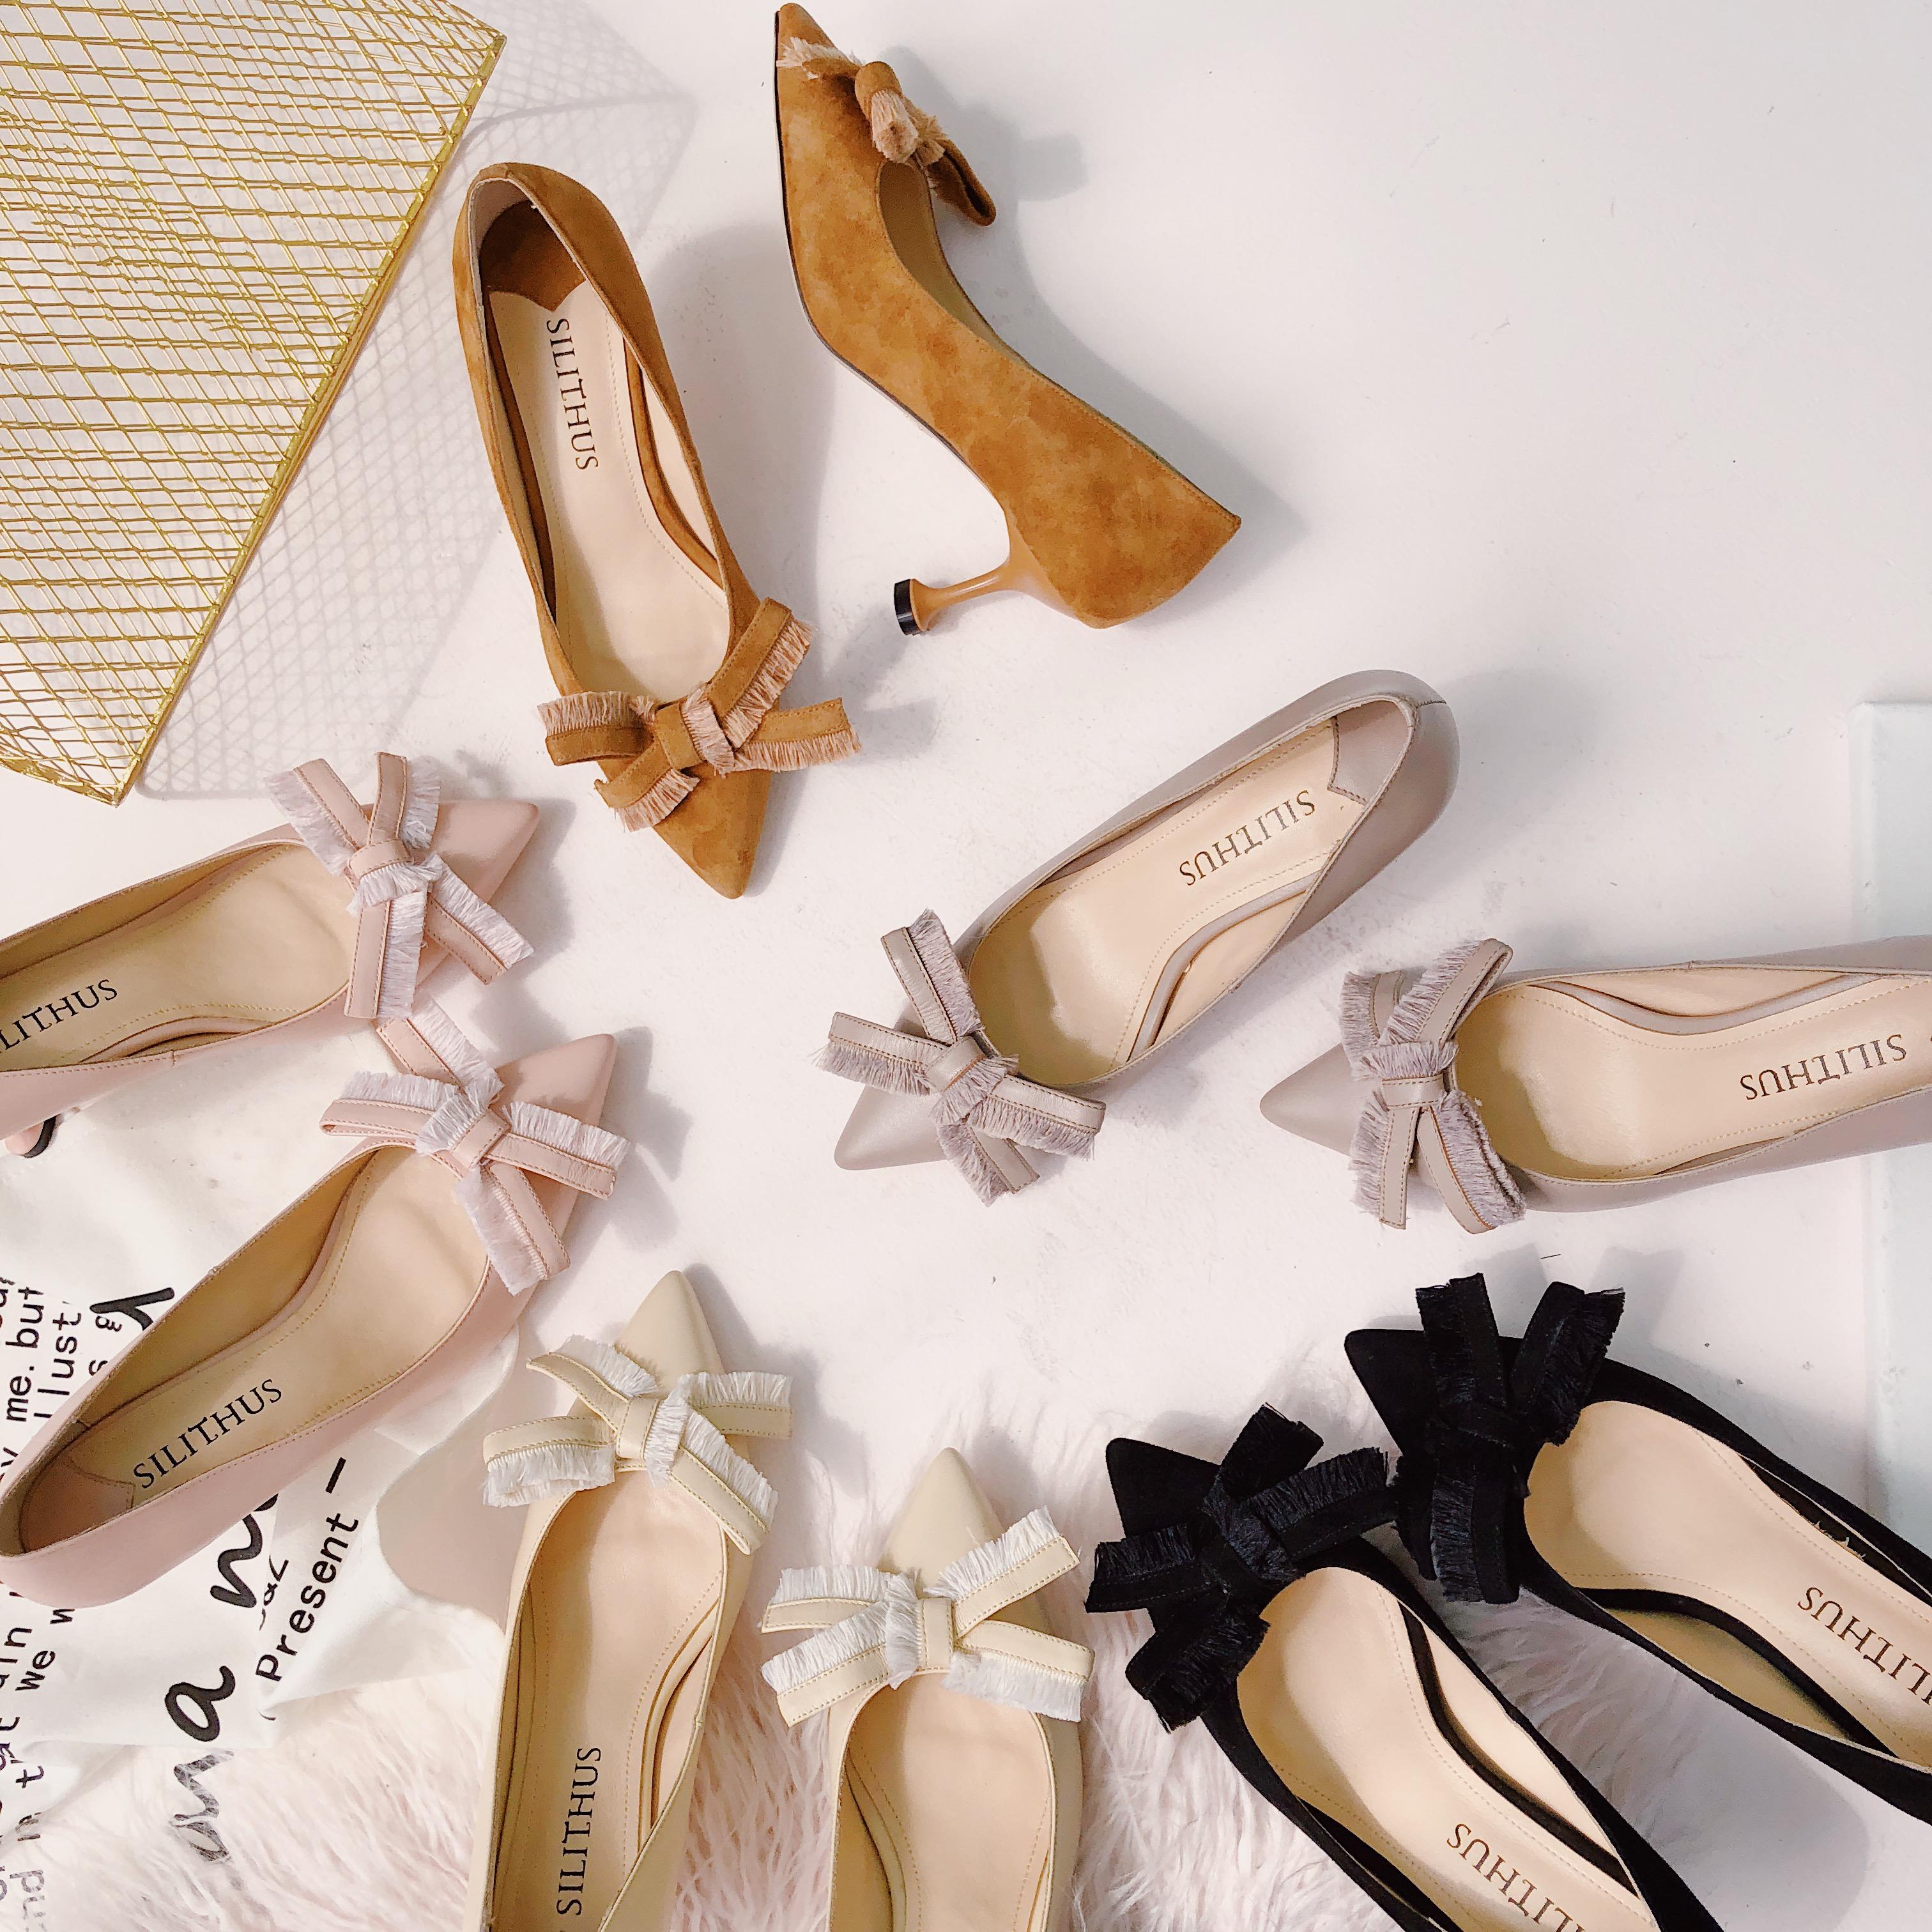 【 король небольшой яд 】 тендер тест исследовать наконечник мелкий рот бант натуральная кожа бокал с высокой сопровождать обувь обувь женская 3.8